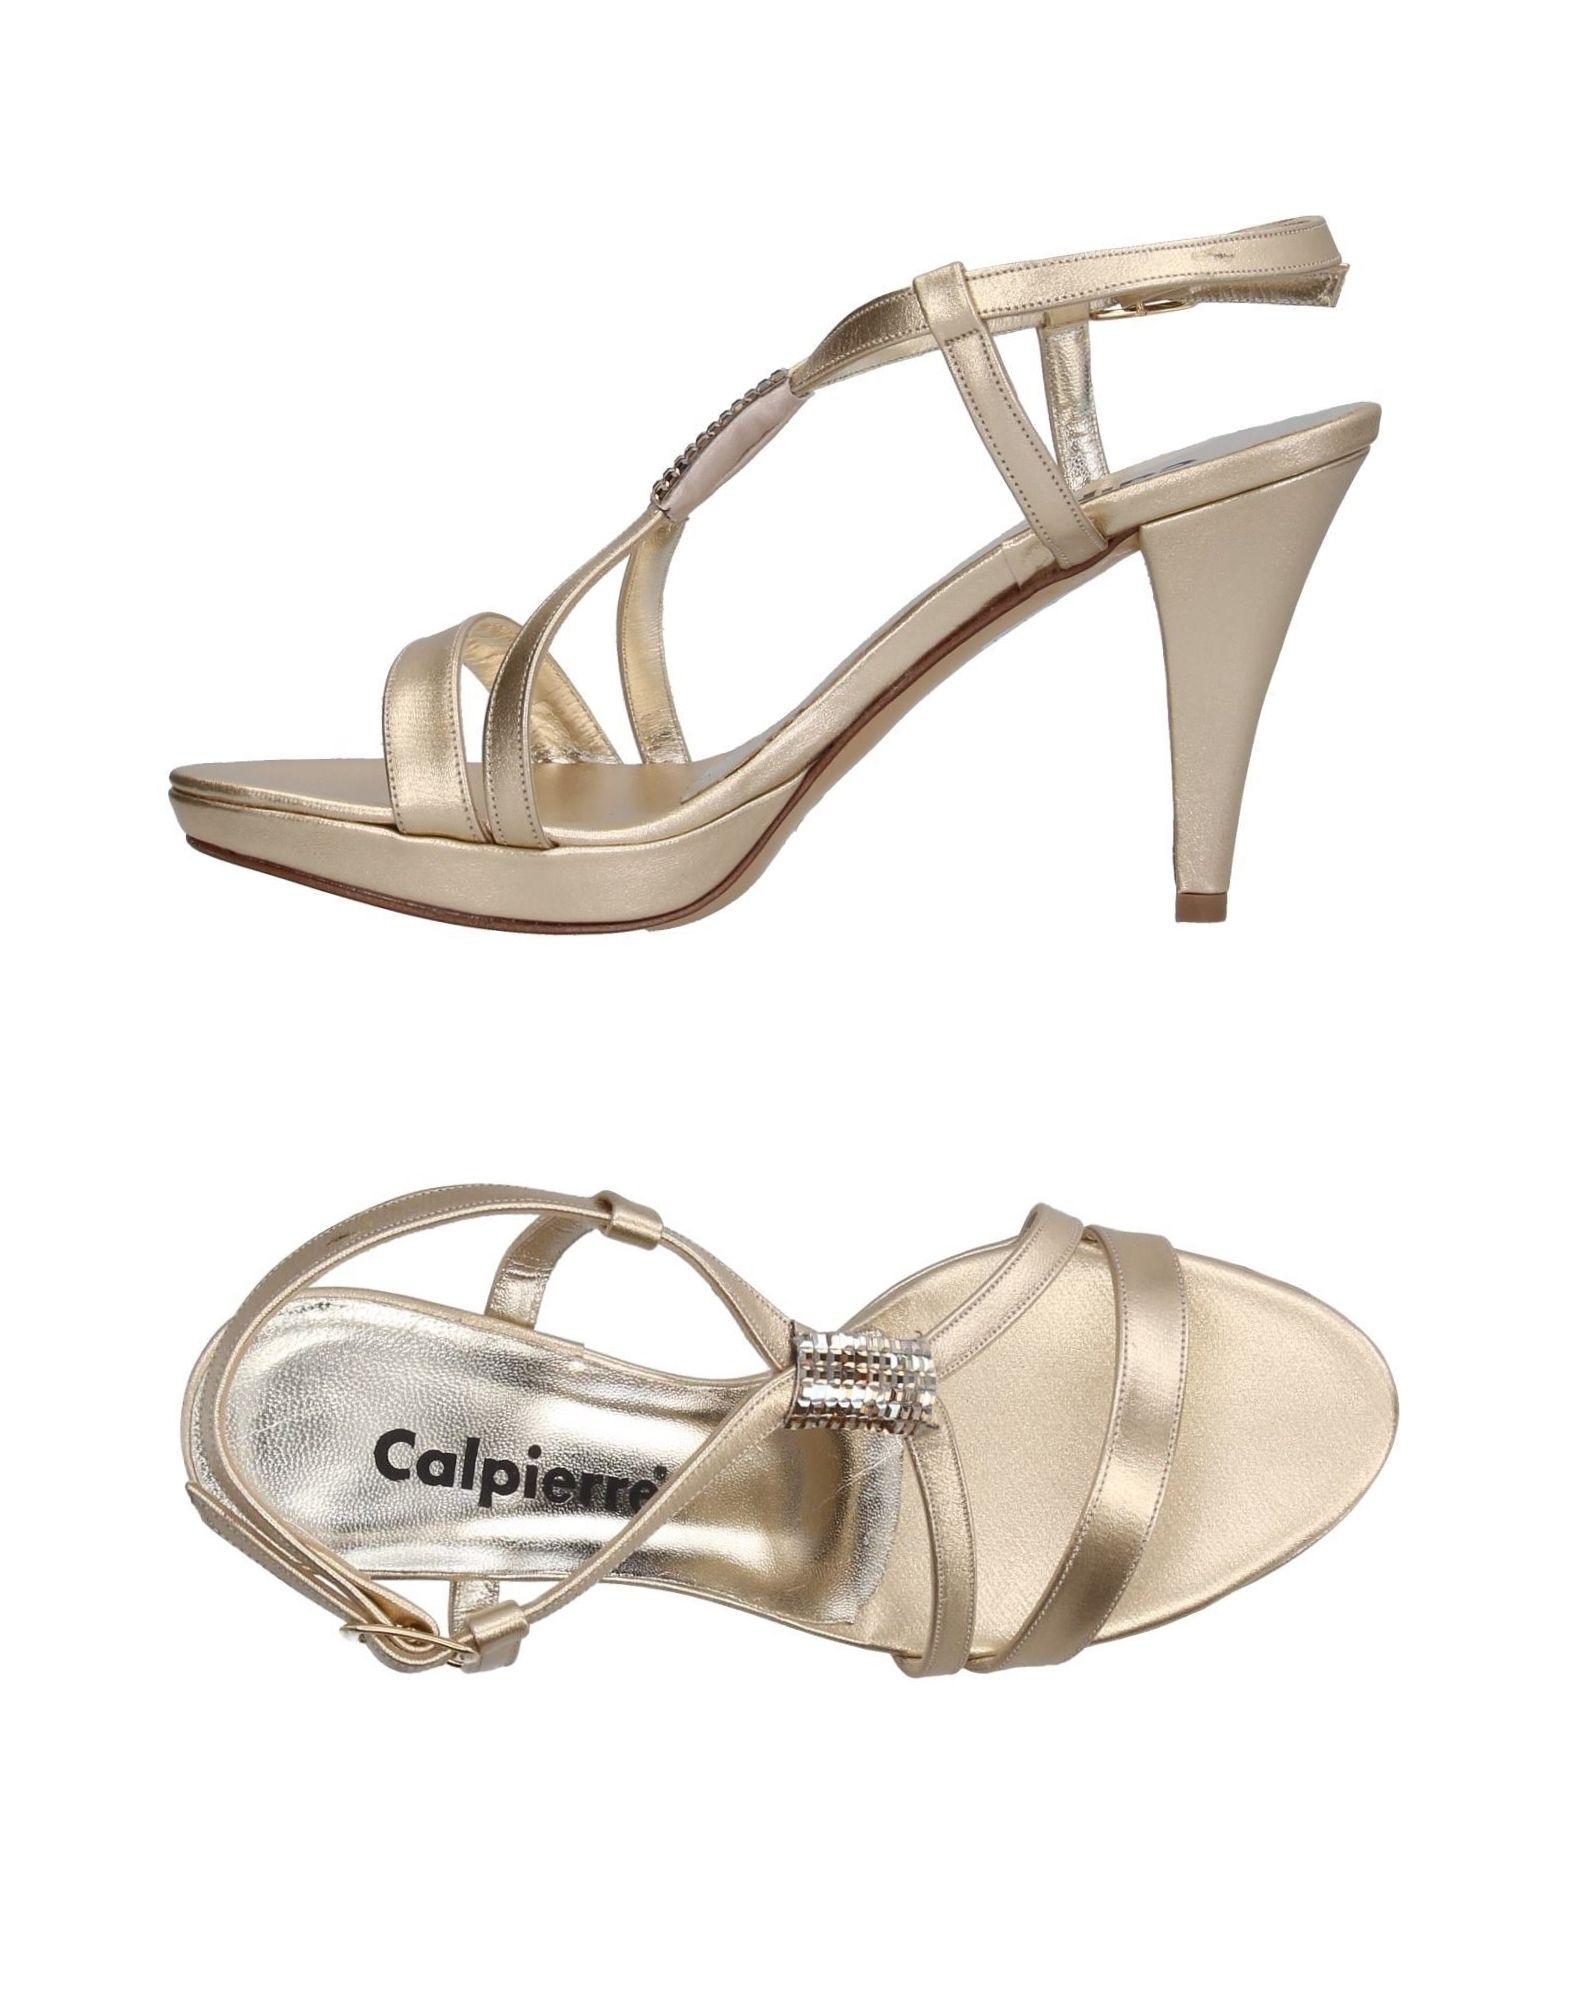 Calpierre Sandalen Damen   Damen 11407566RU  993d65